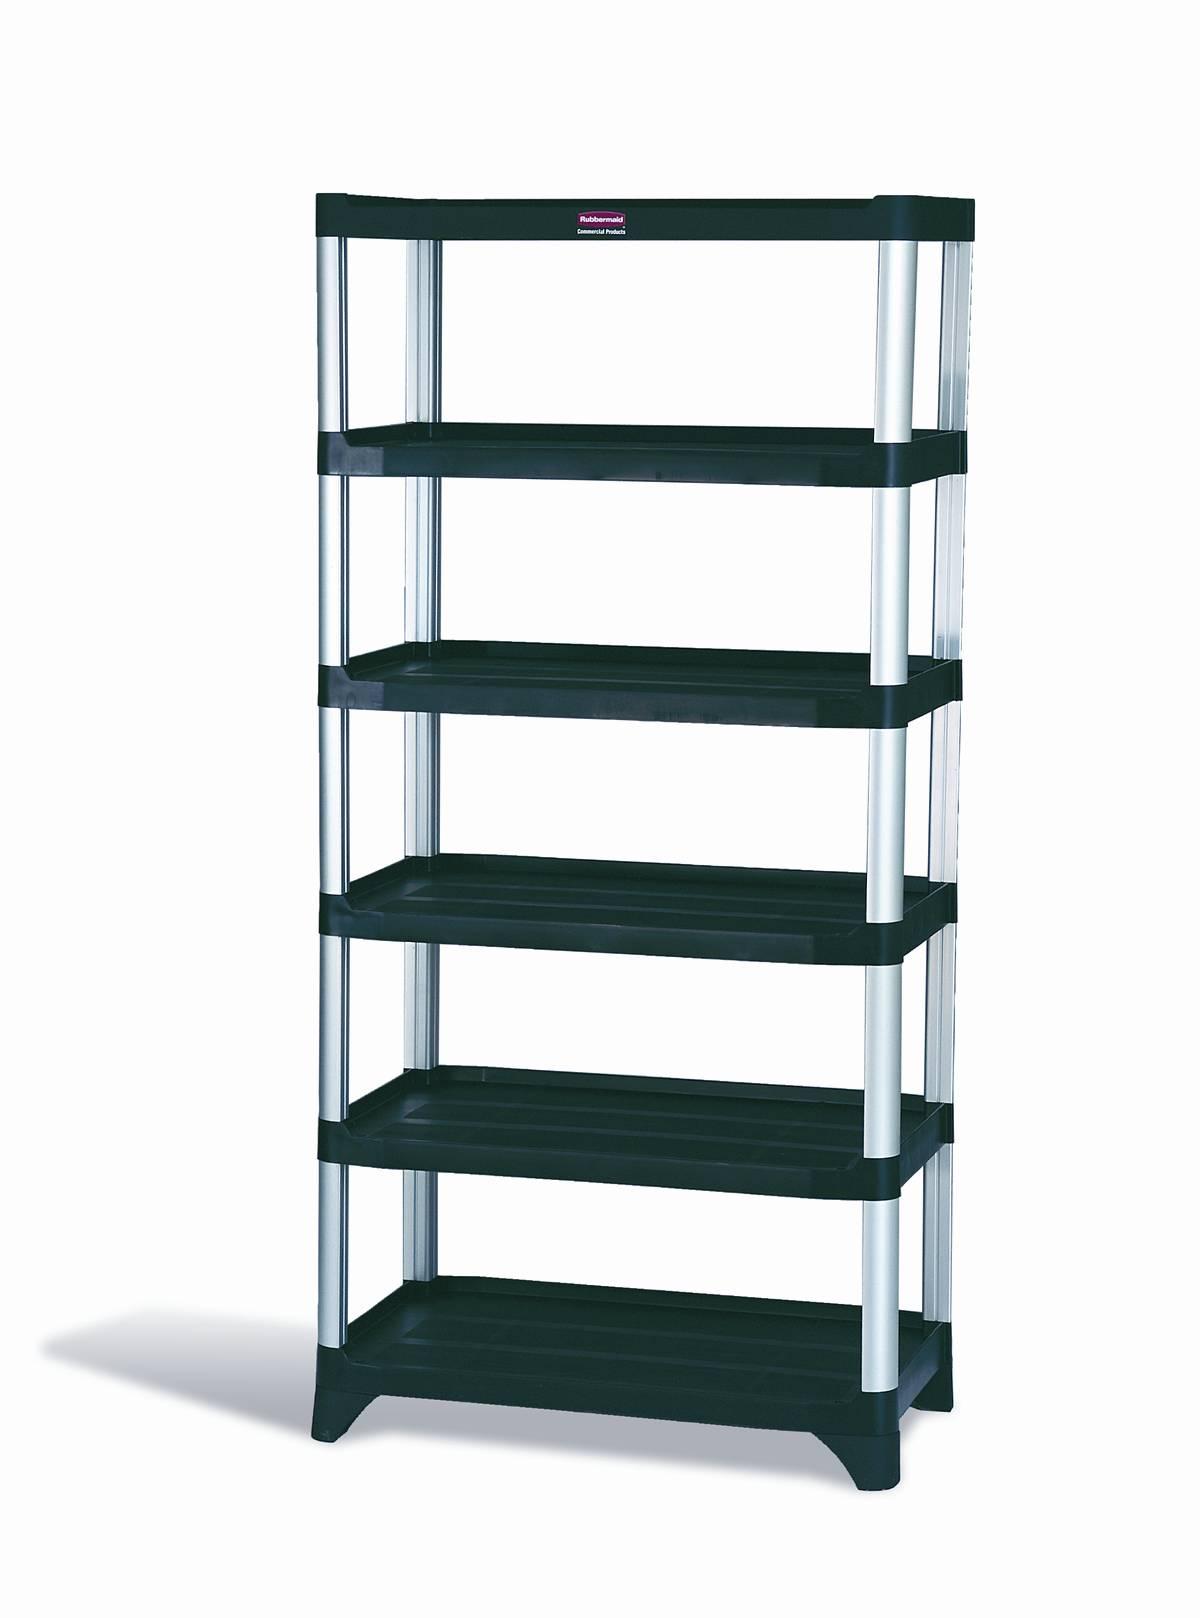 Exceptionnel Rubbermaid 9T40 Storage Shelving, 6 Shelf Unit